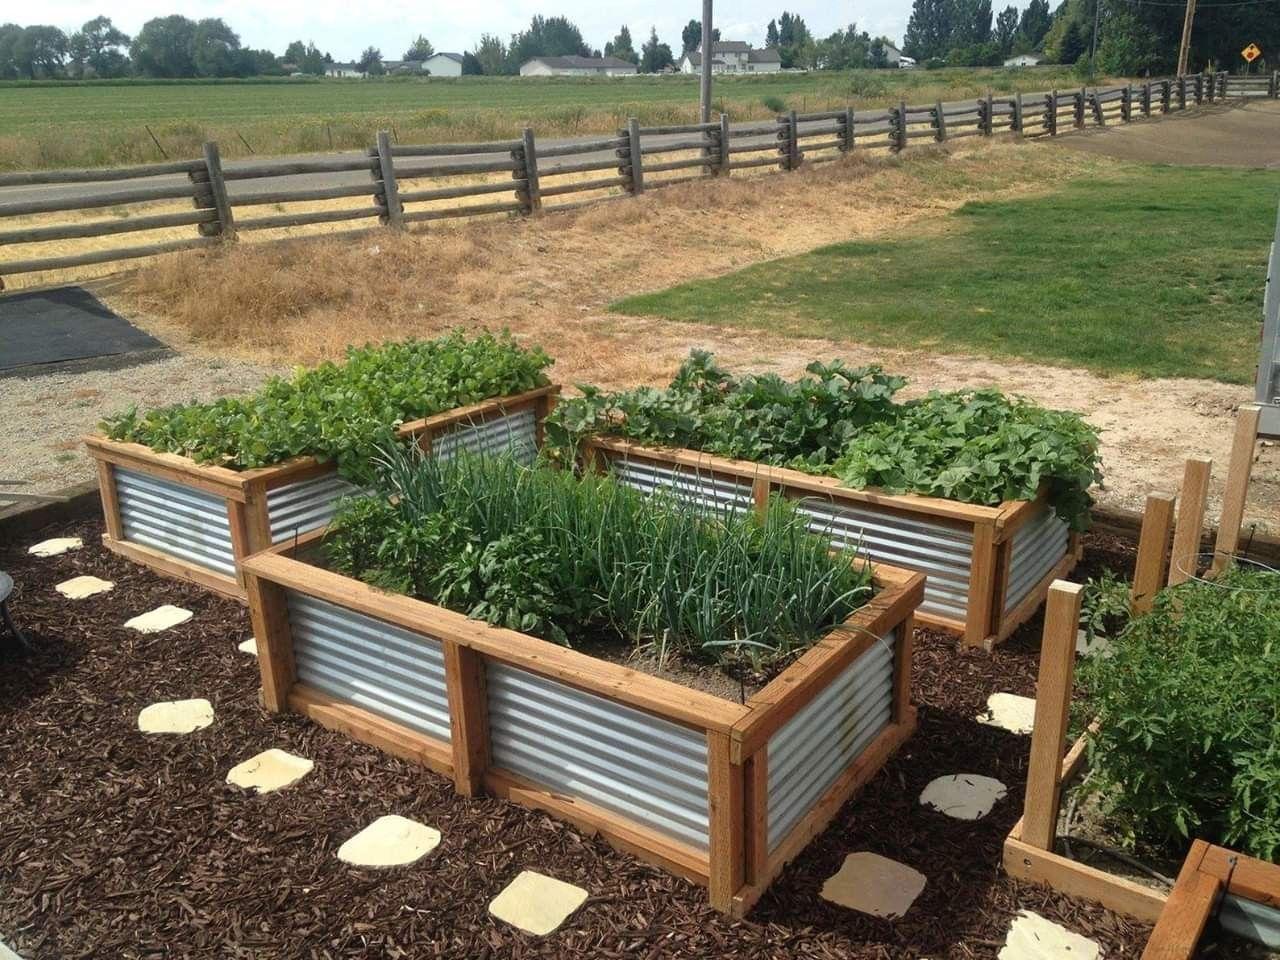 Pin By Deb Hines On Garden Beds Garden Box Plans Sloped Garden